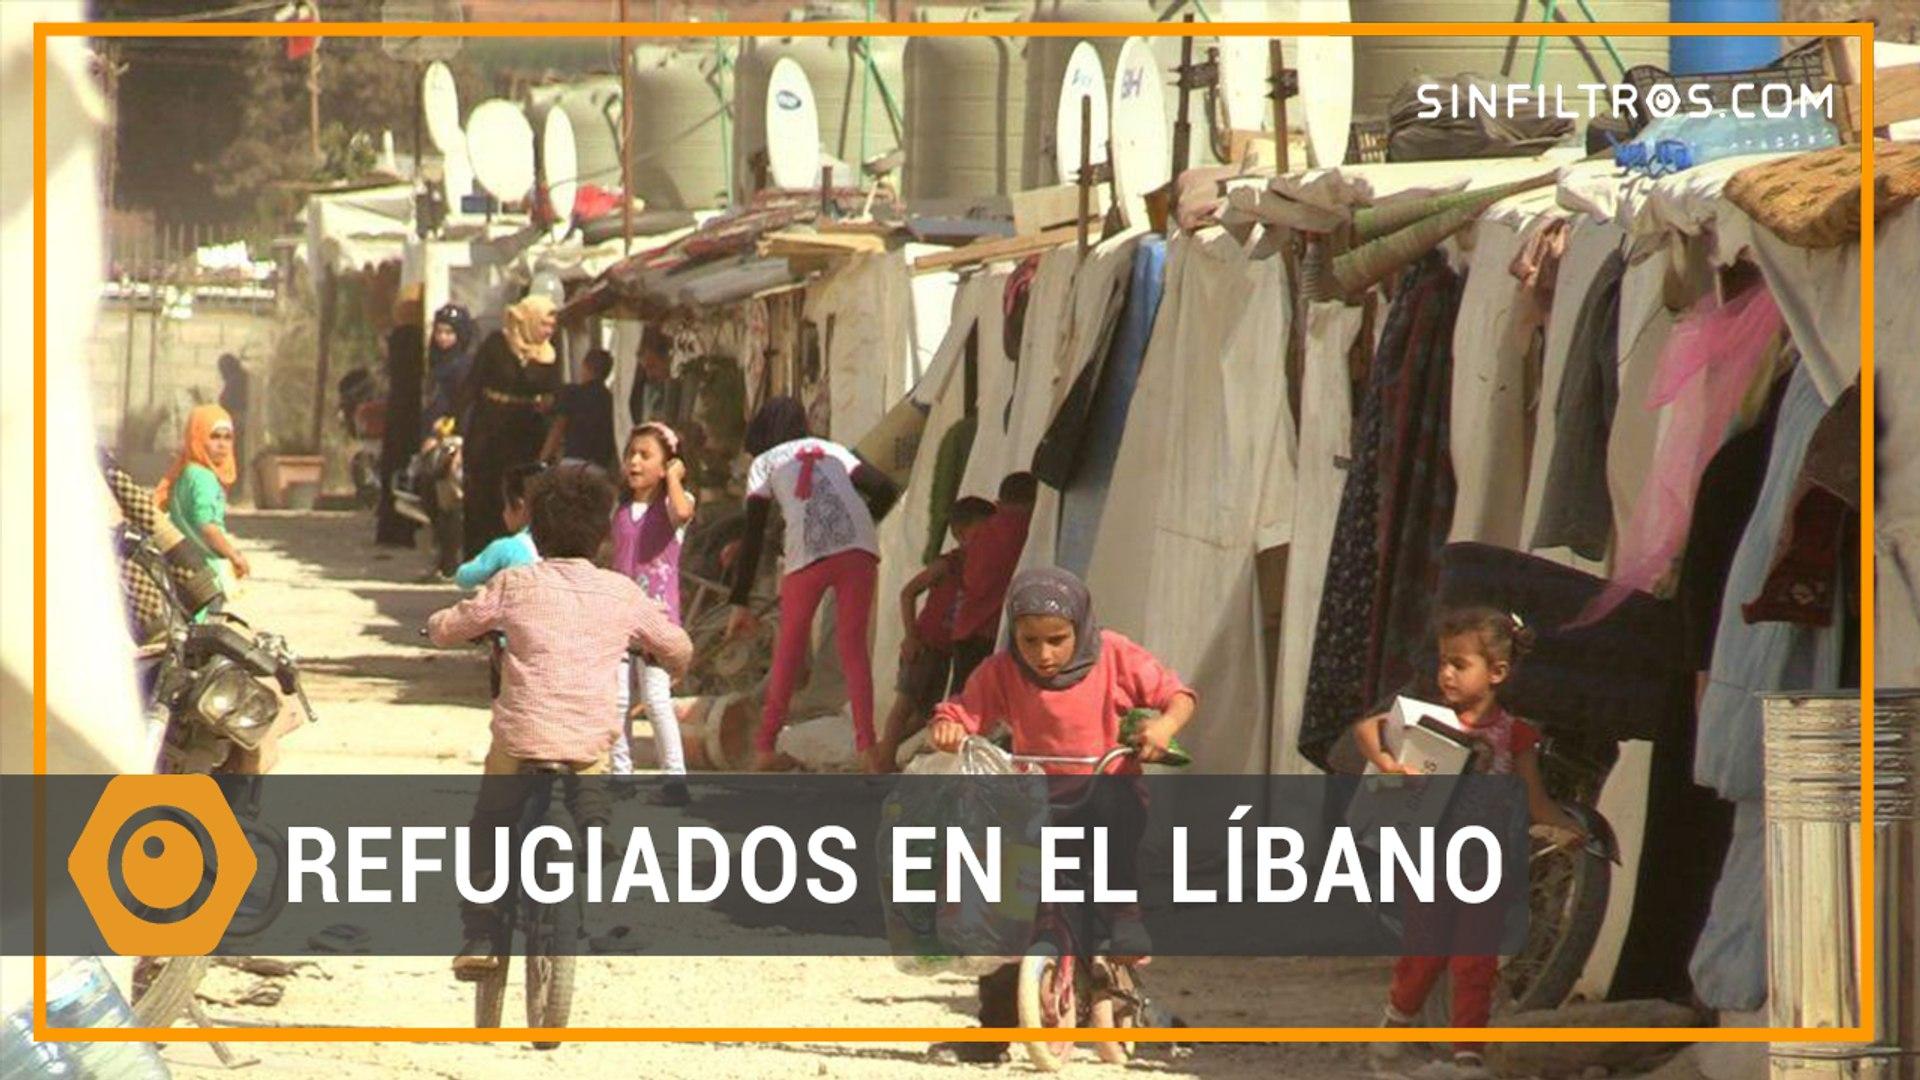 Los refugiados sirios del Líbano   Sinfiltros.com